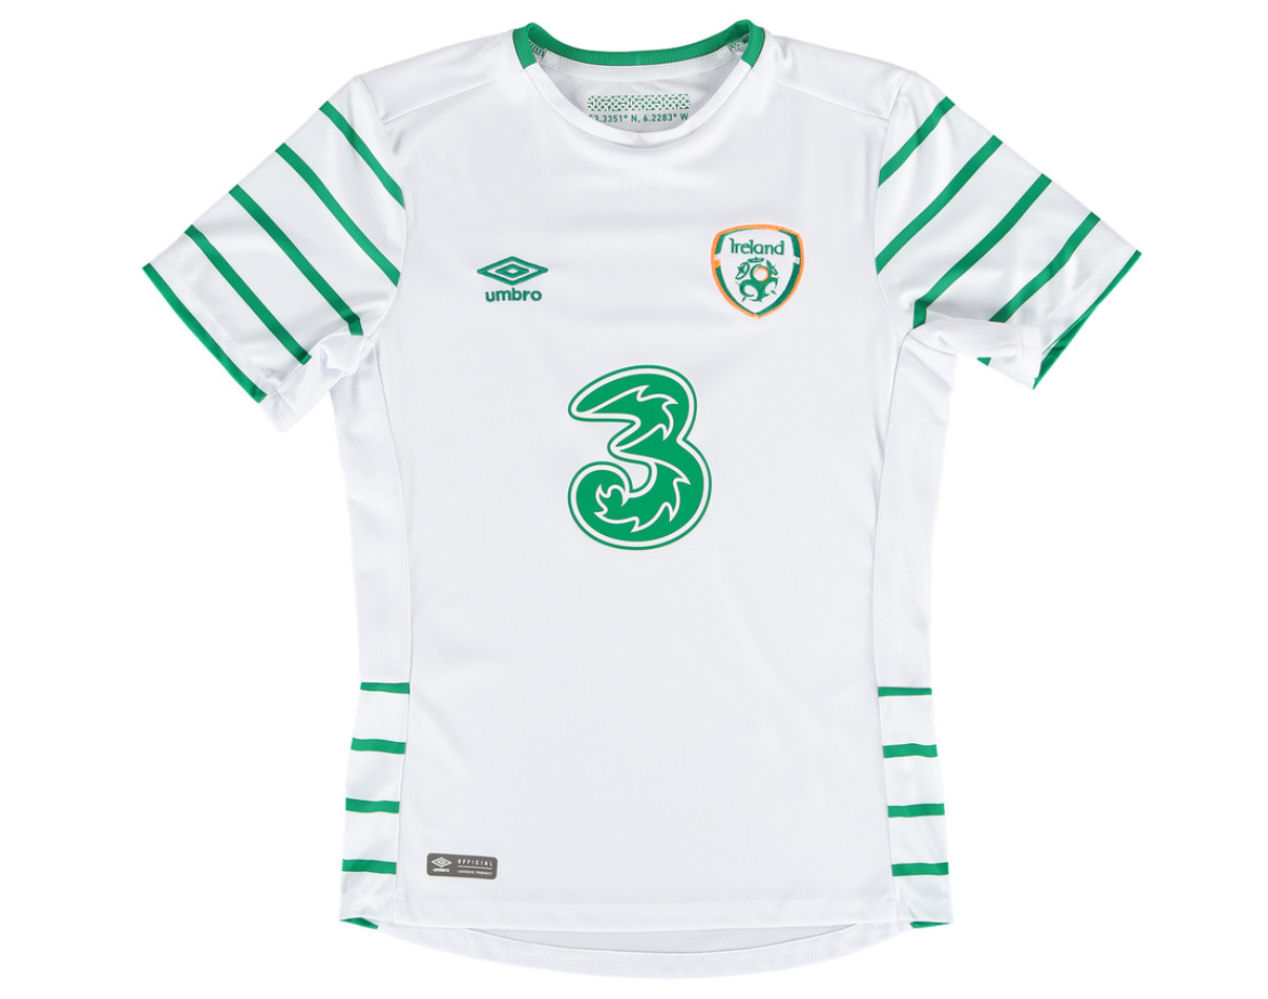 52c619e28af Ireland 2016-2017 Away Shirt (Kids)  75624U-KIT  -  52.06 Teamzo.com